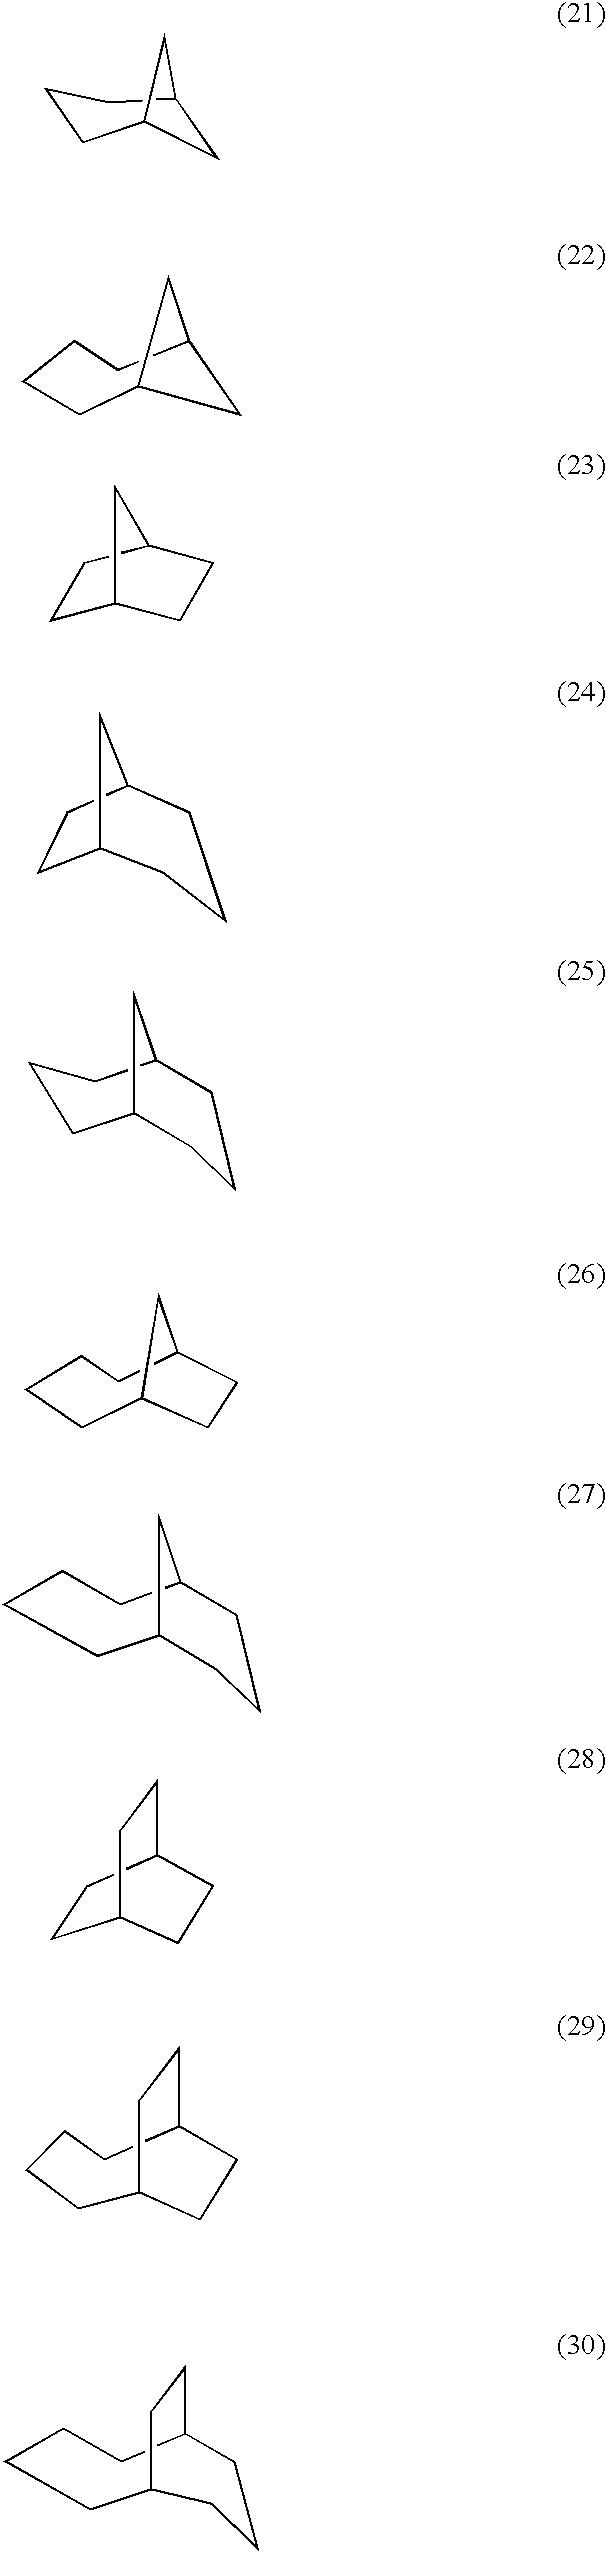 Figure US20030186161A1-20031002-C00055